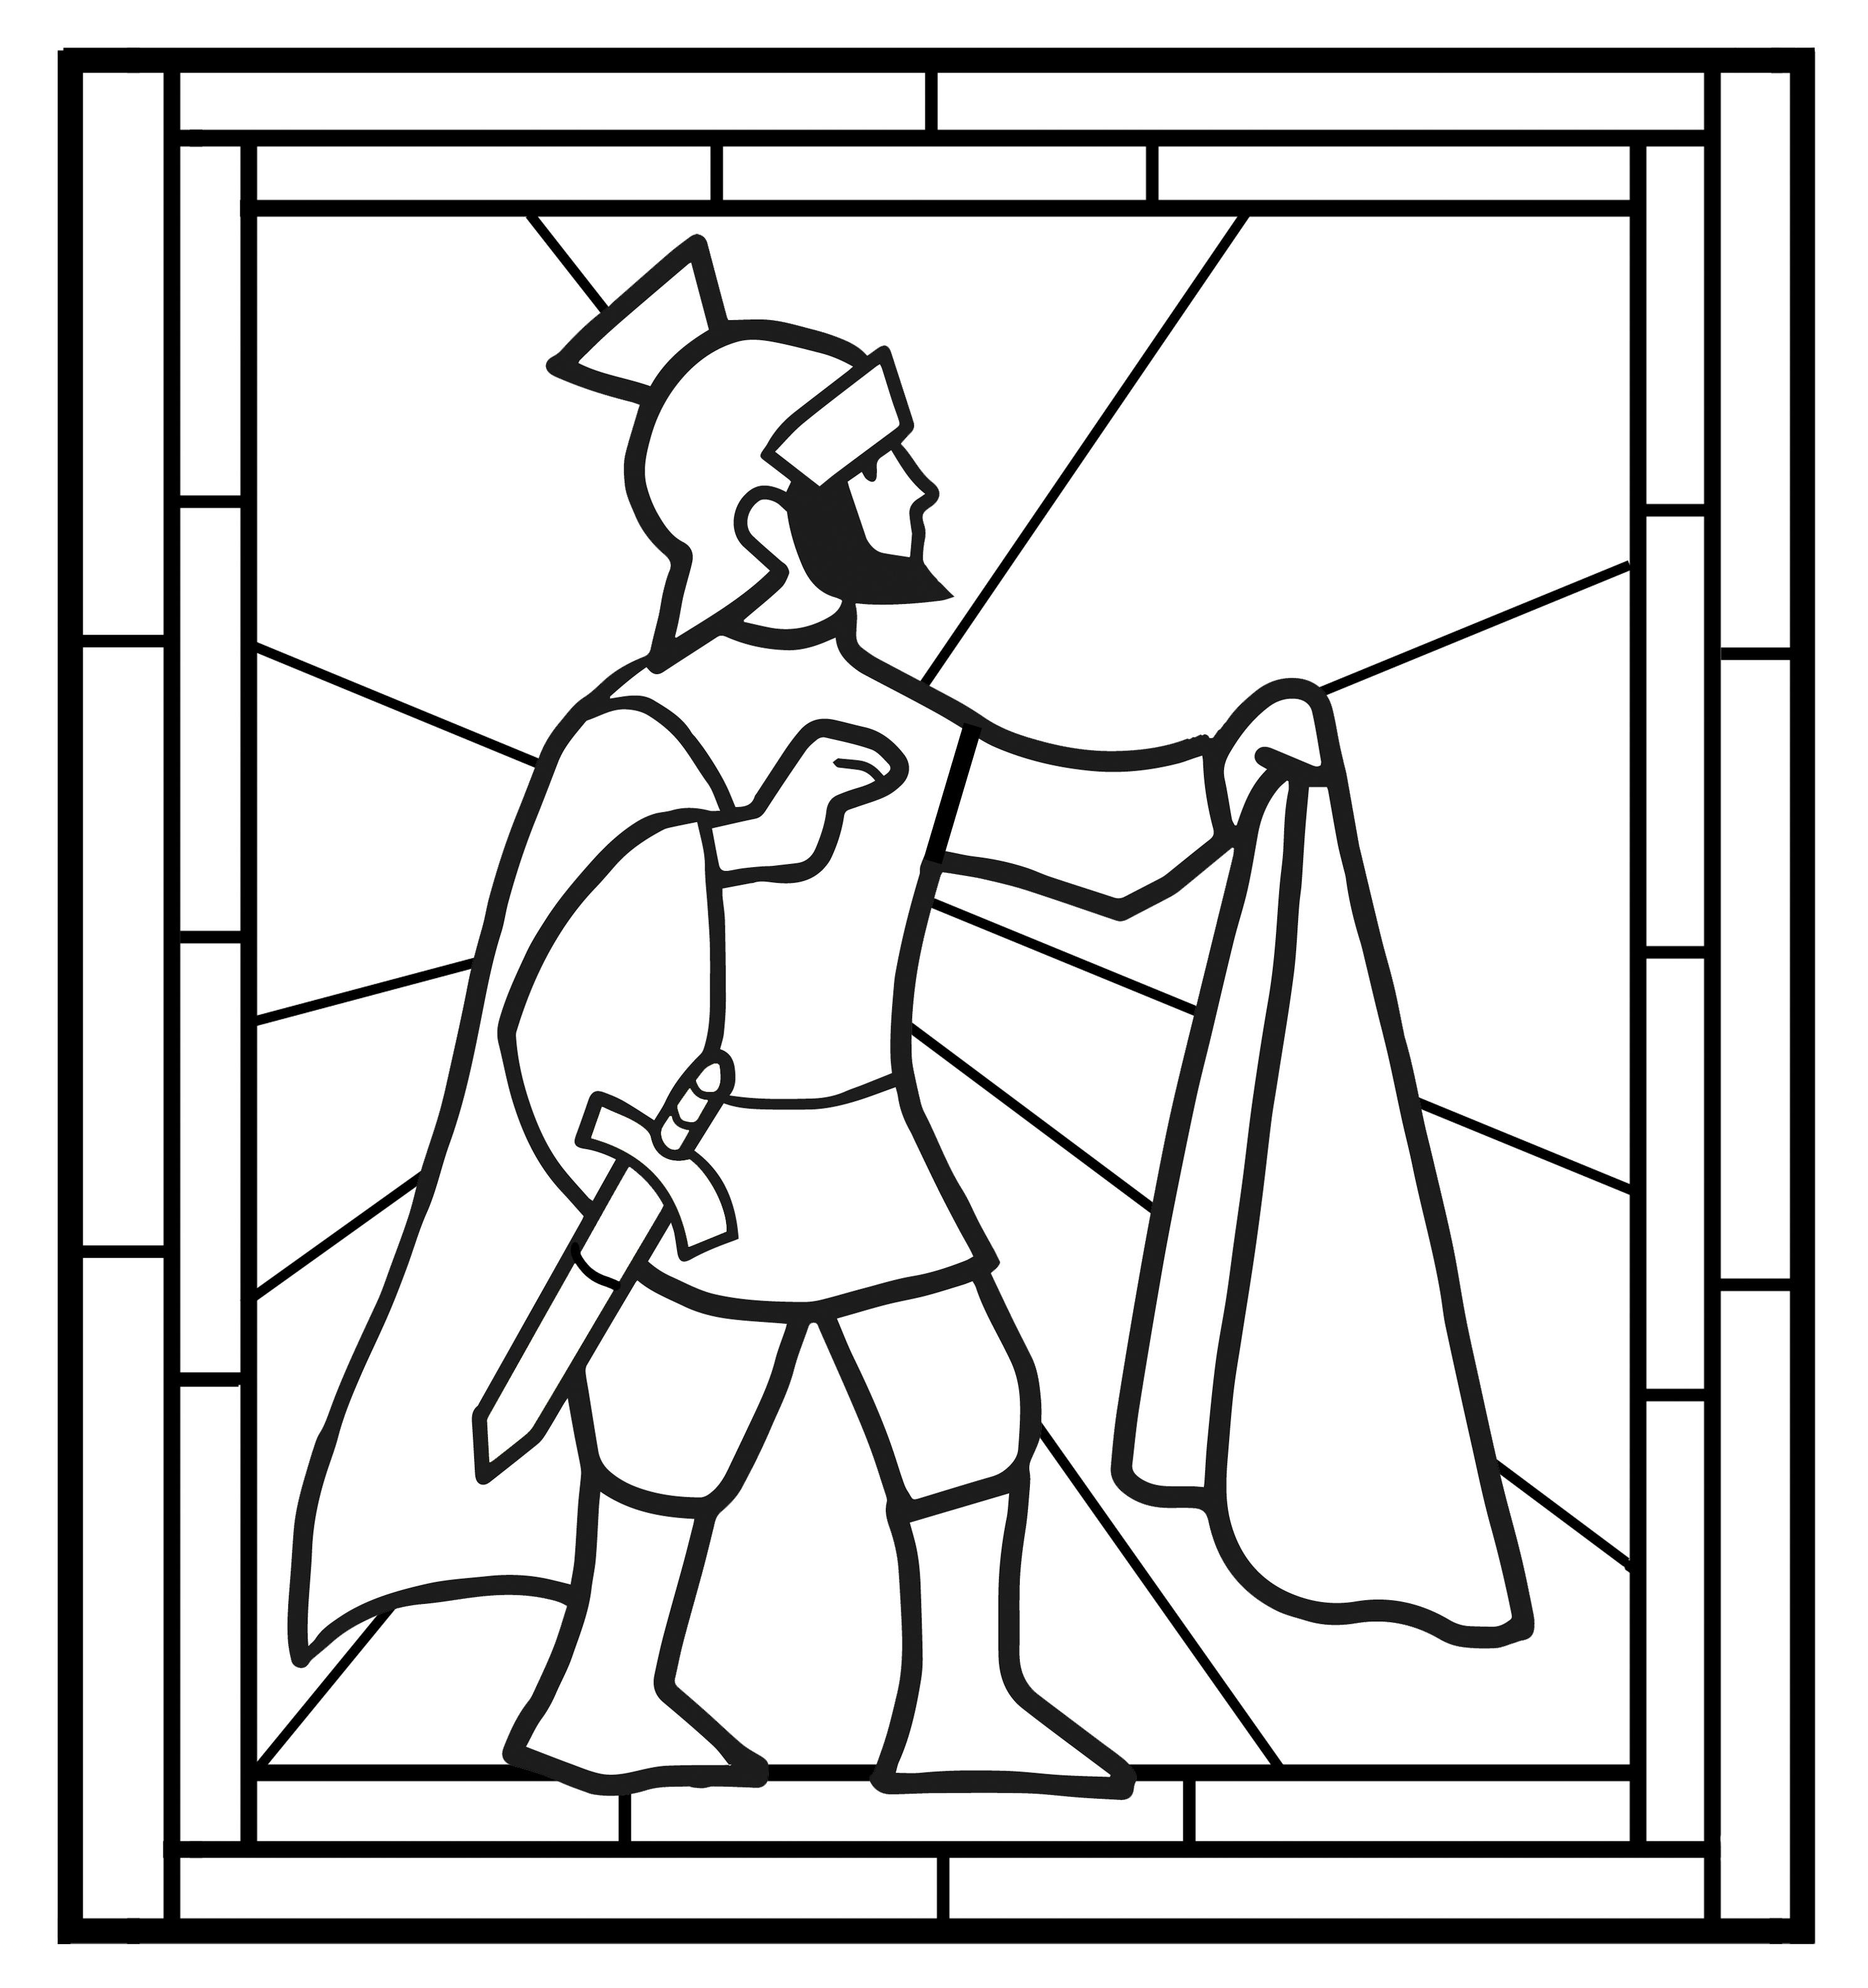 Hl. Nikolaus Ausmalbilder : Ausmalbilder Erntedank Pfarreiengemeinschaft Buchloe Kirche